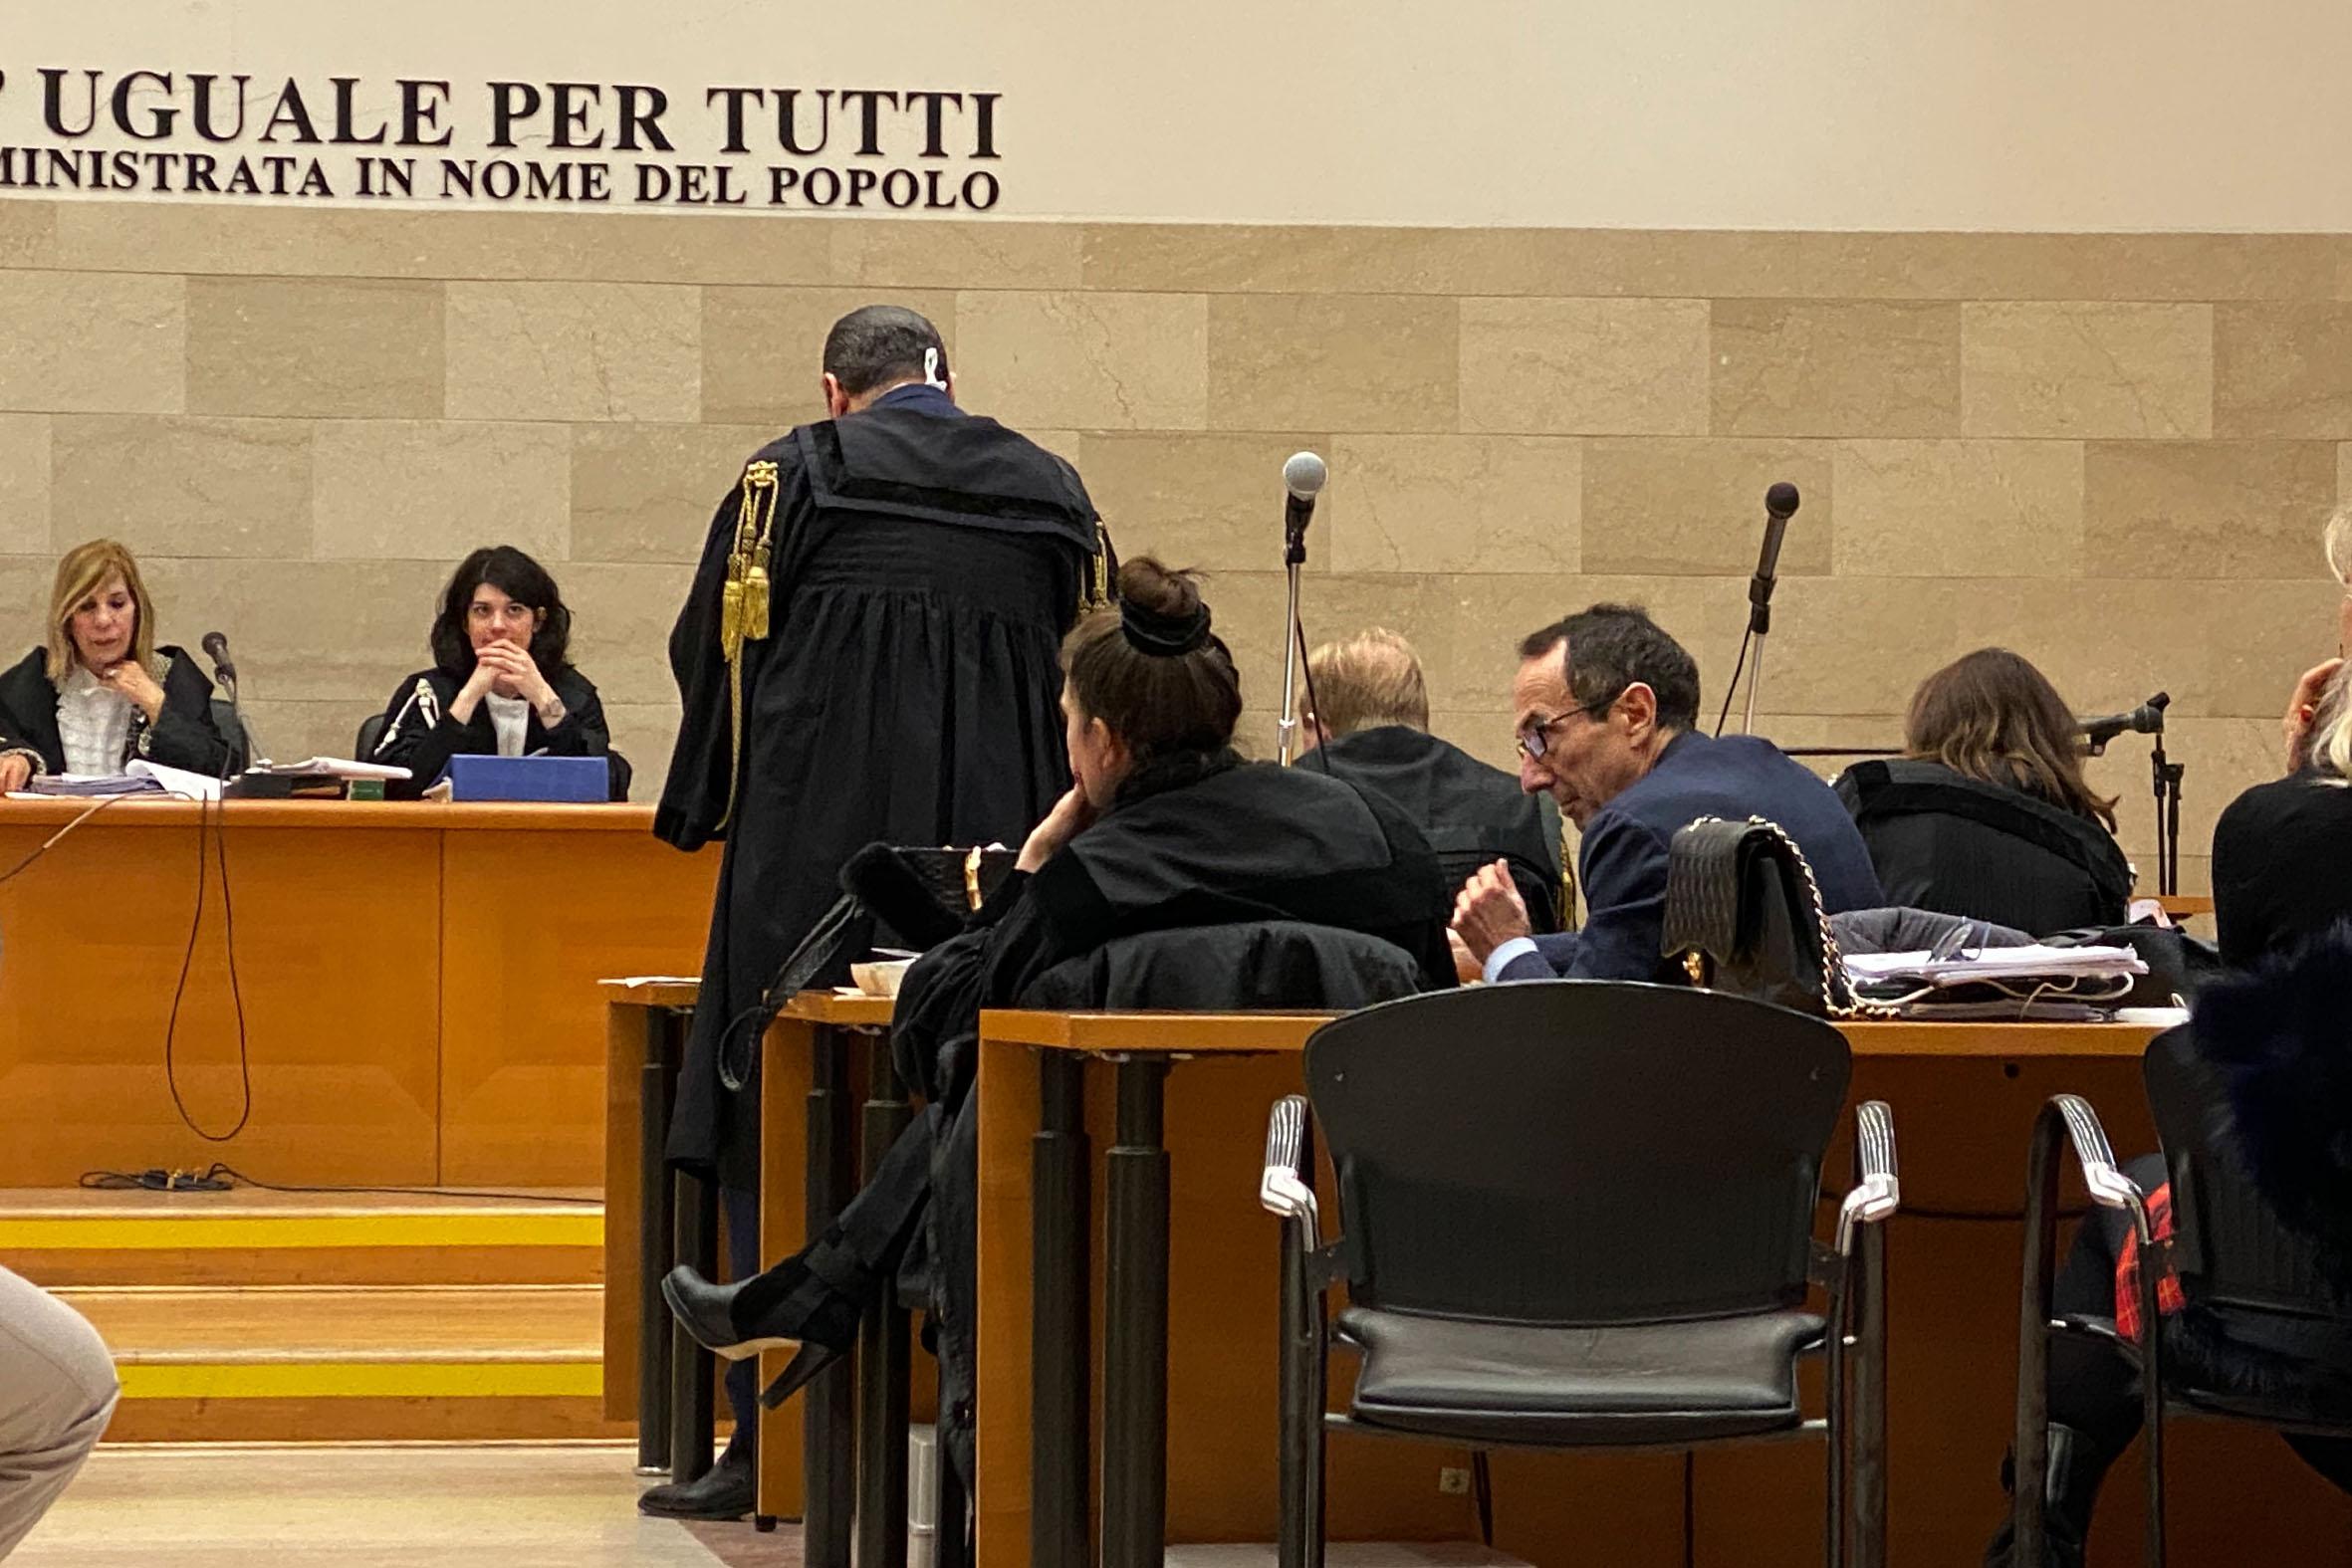 Padova, coop e prefettura, via al processo. I migranti ...